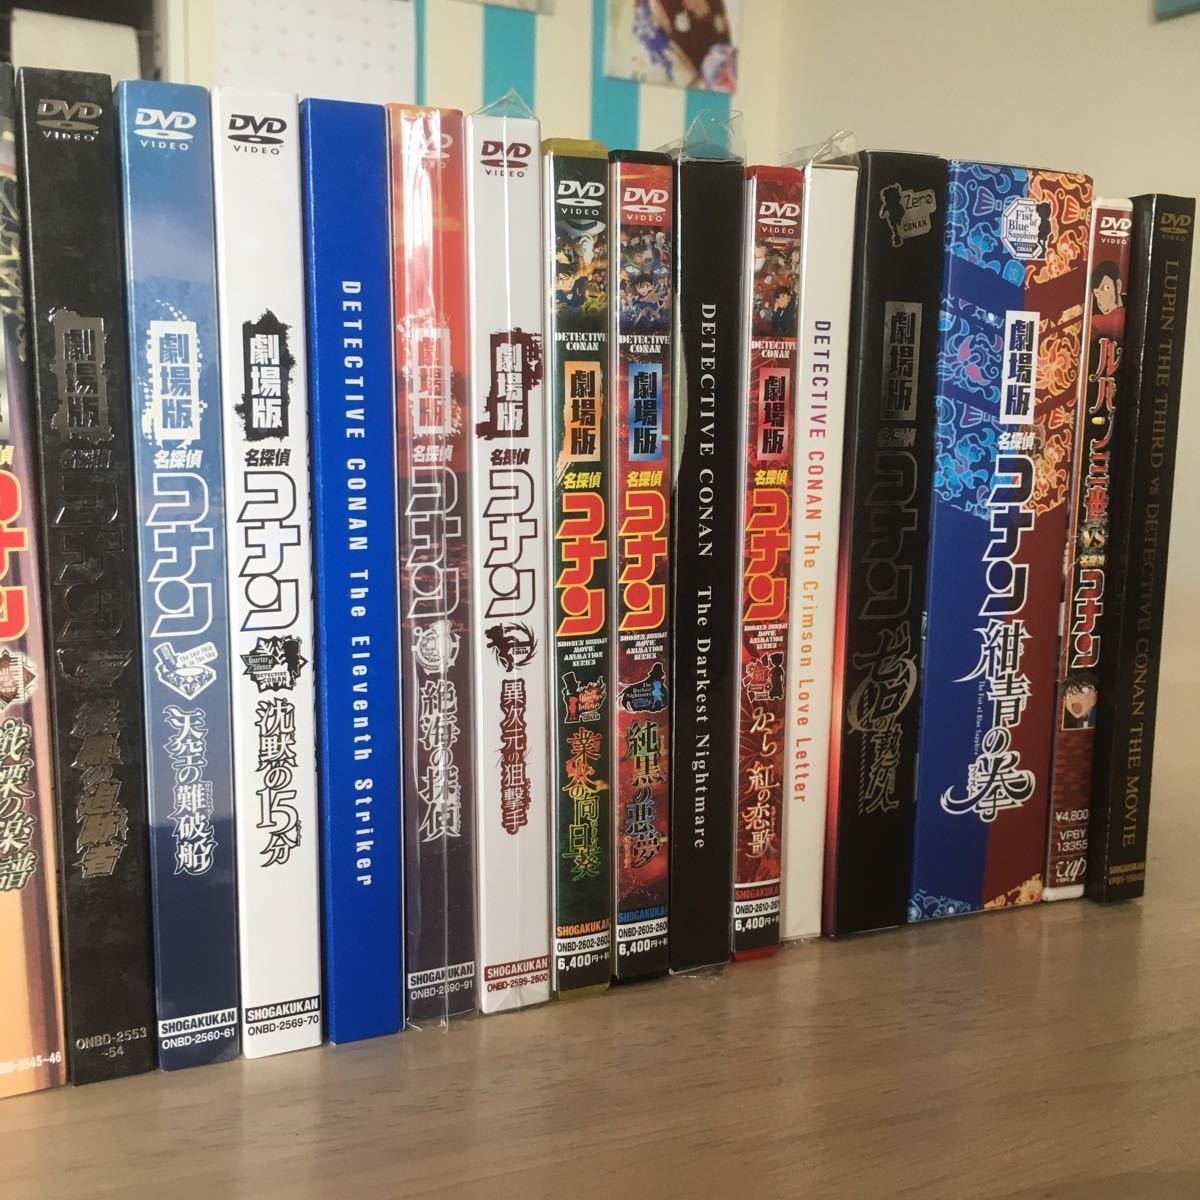 【国内正規版】【初回限定盤】名探偵コナン DVD 劇場版 全24作 特典多数 DVD